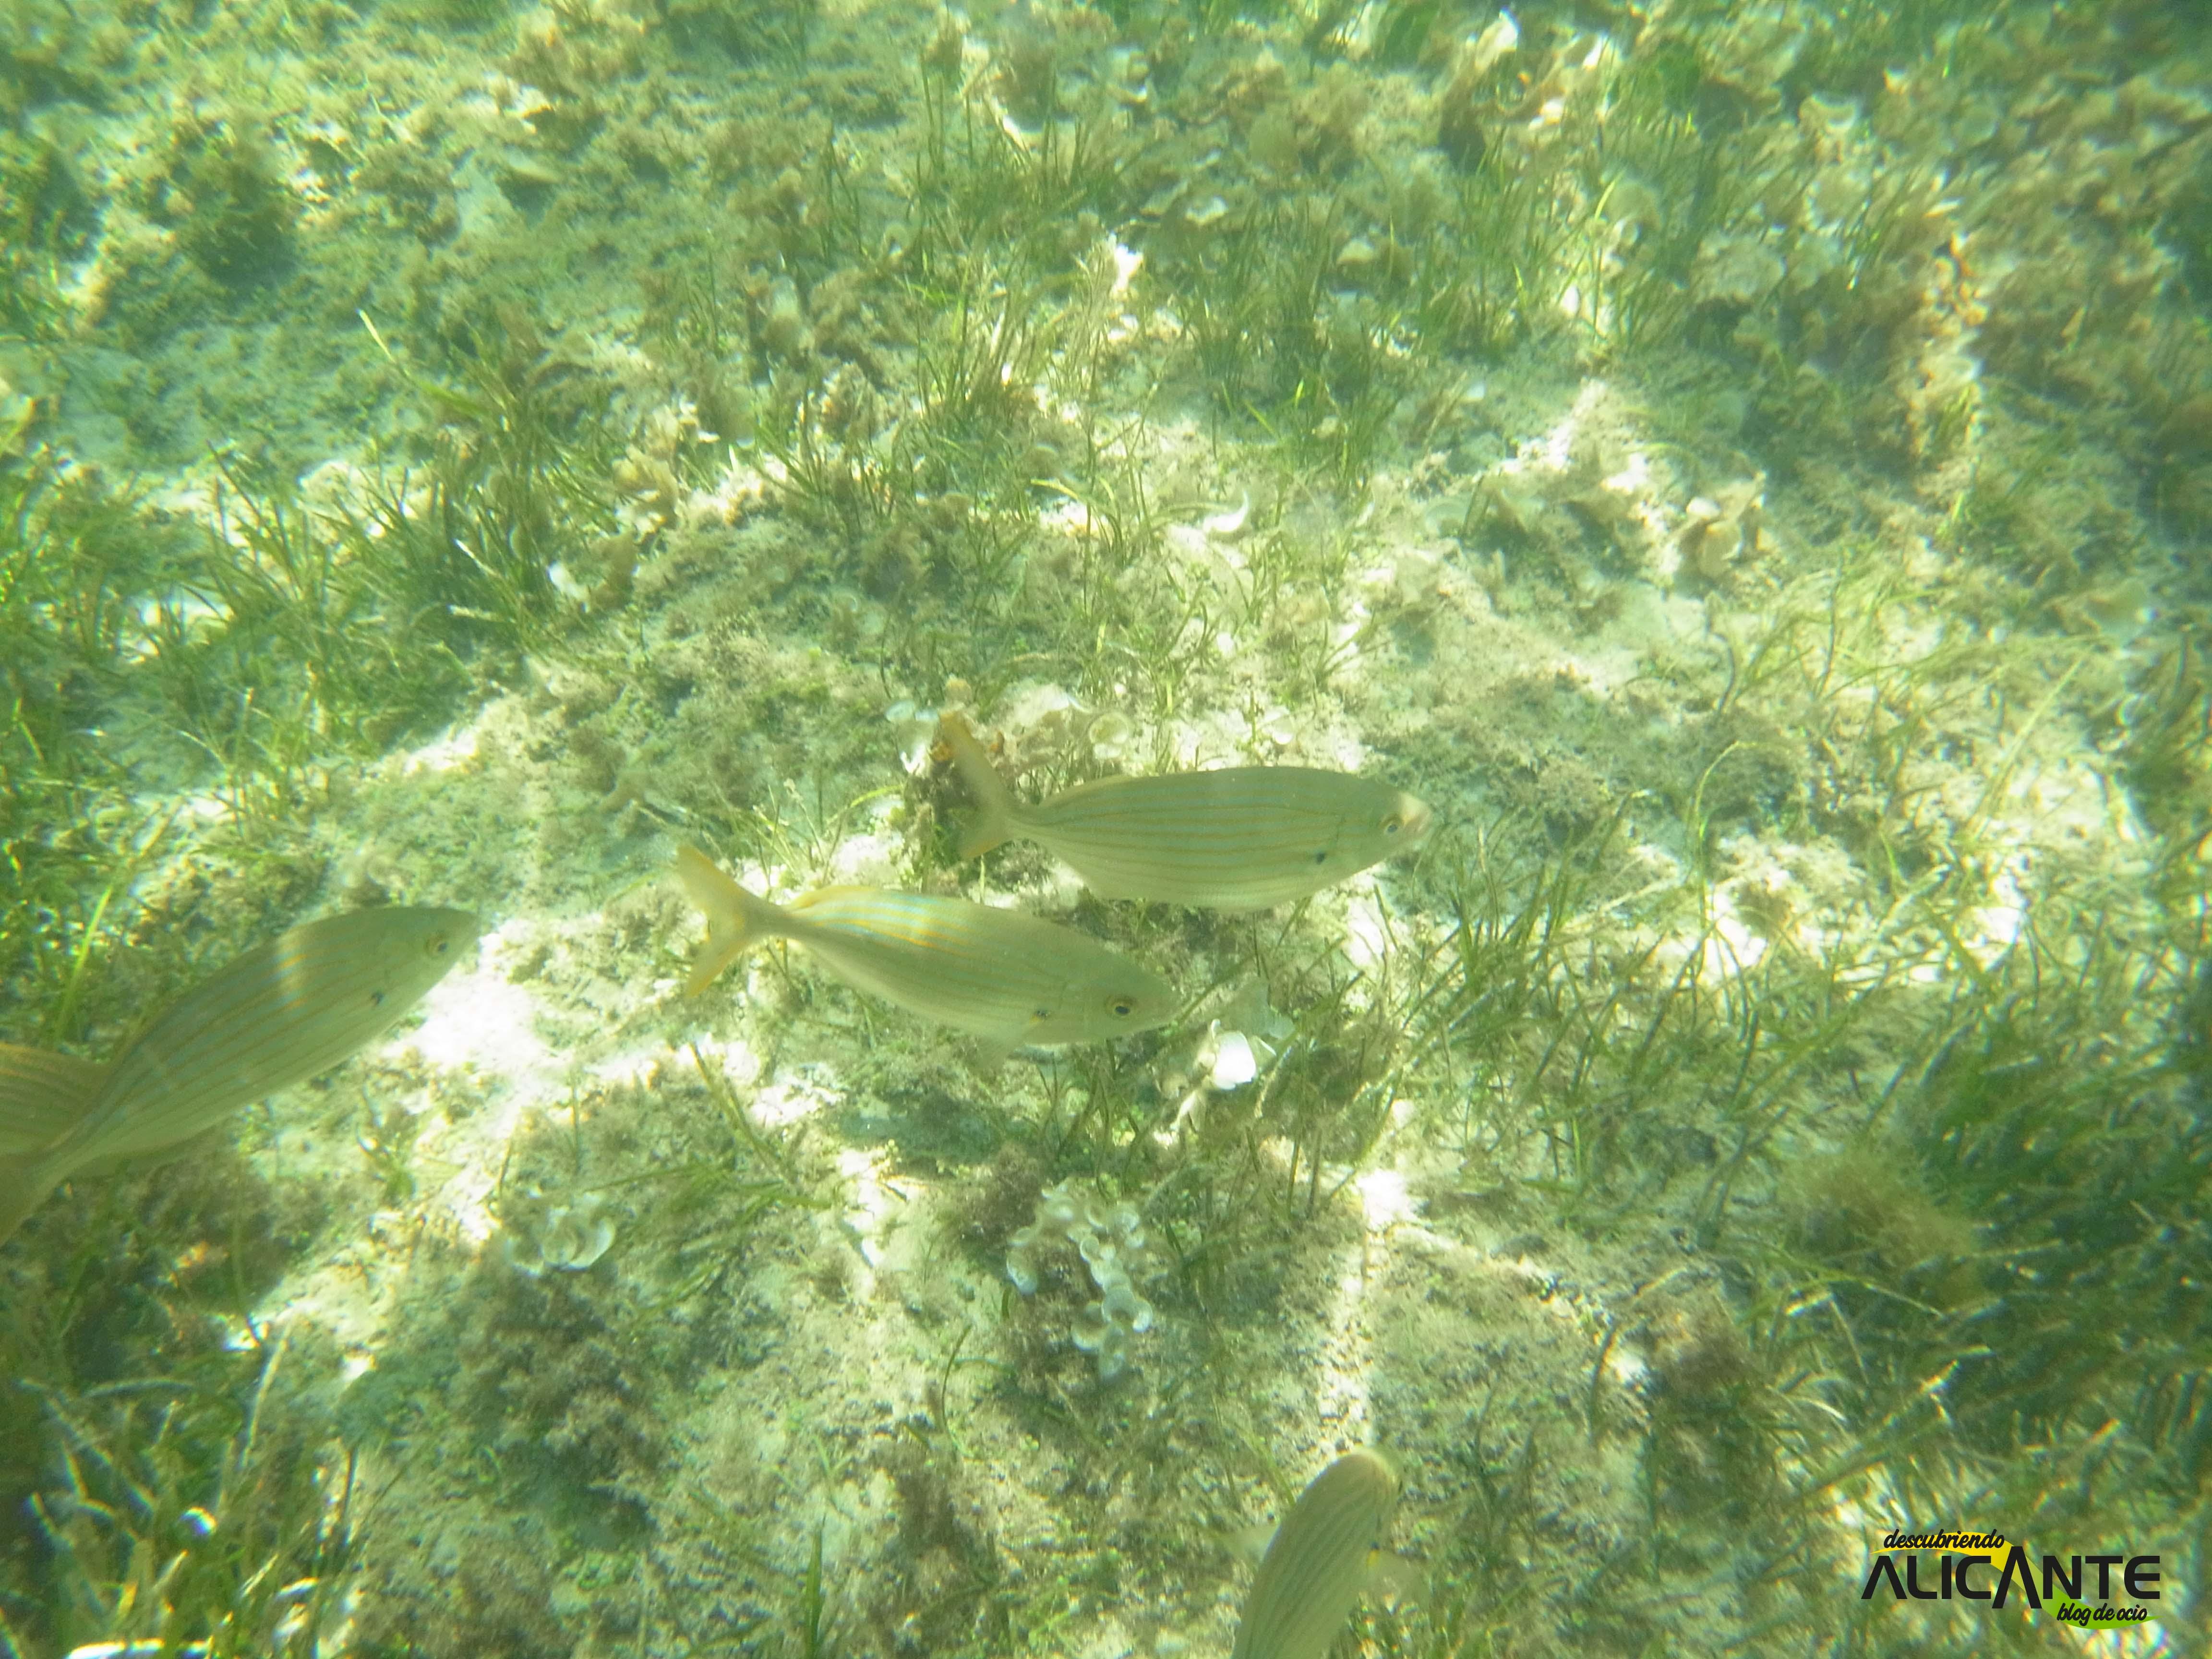 snorkel-en-tabarca-fondo-marino-2014-2